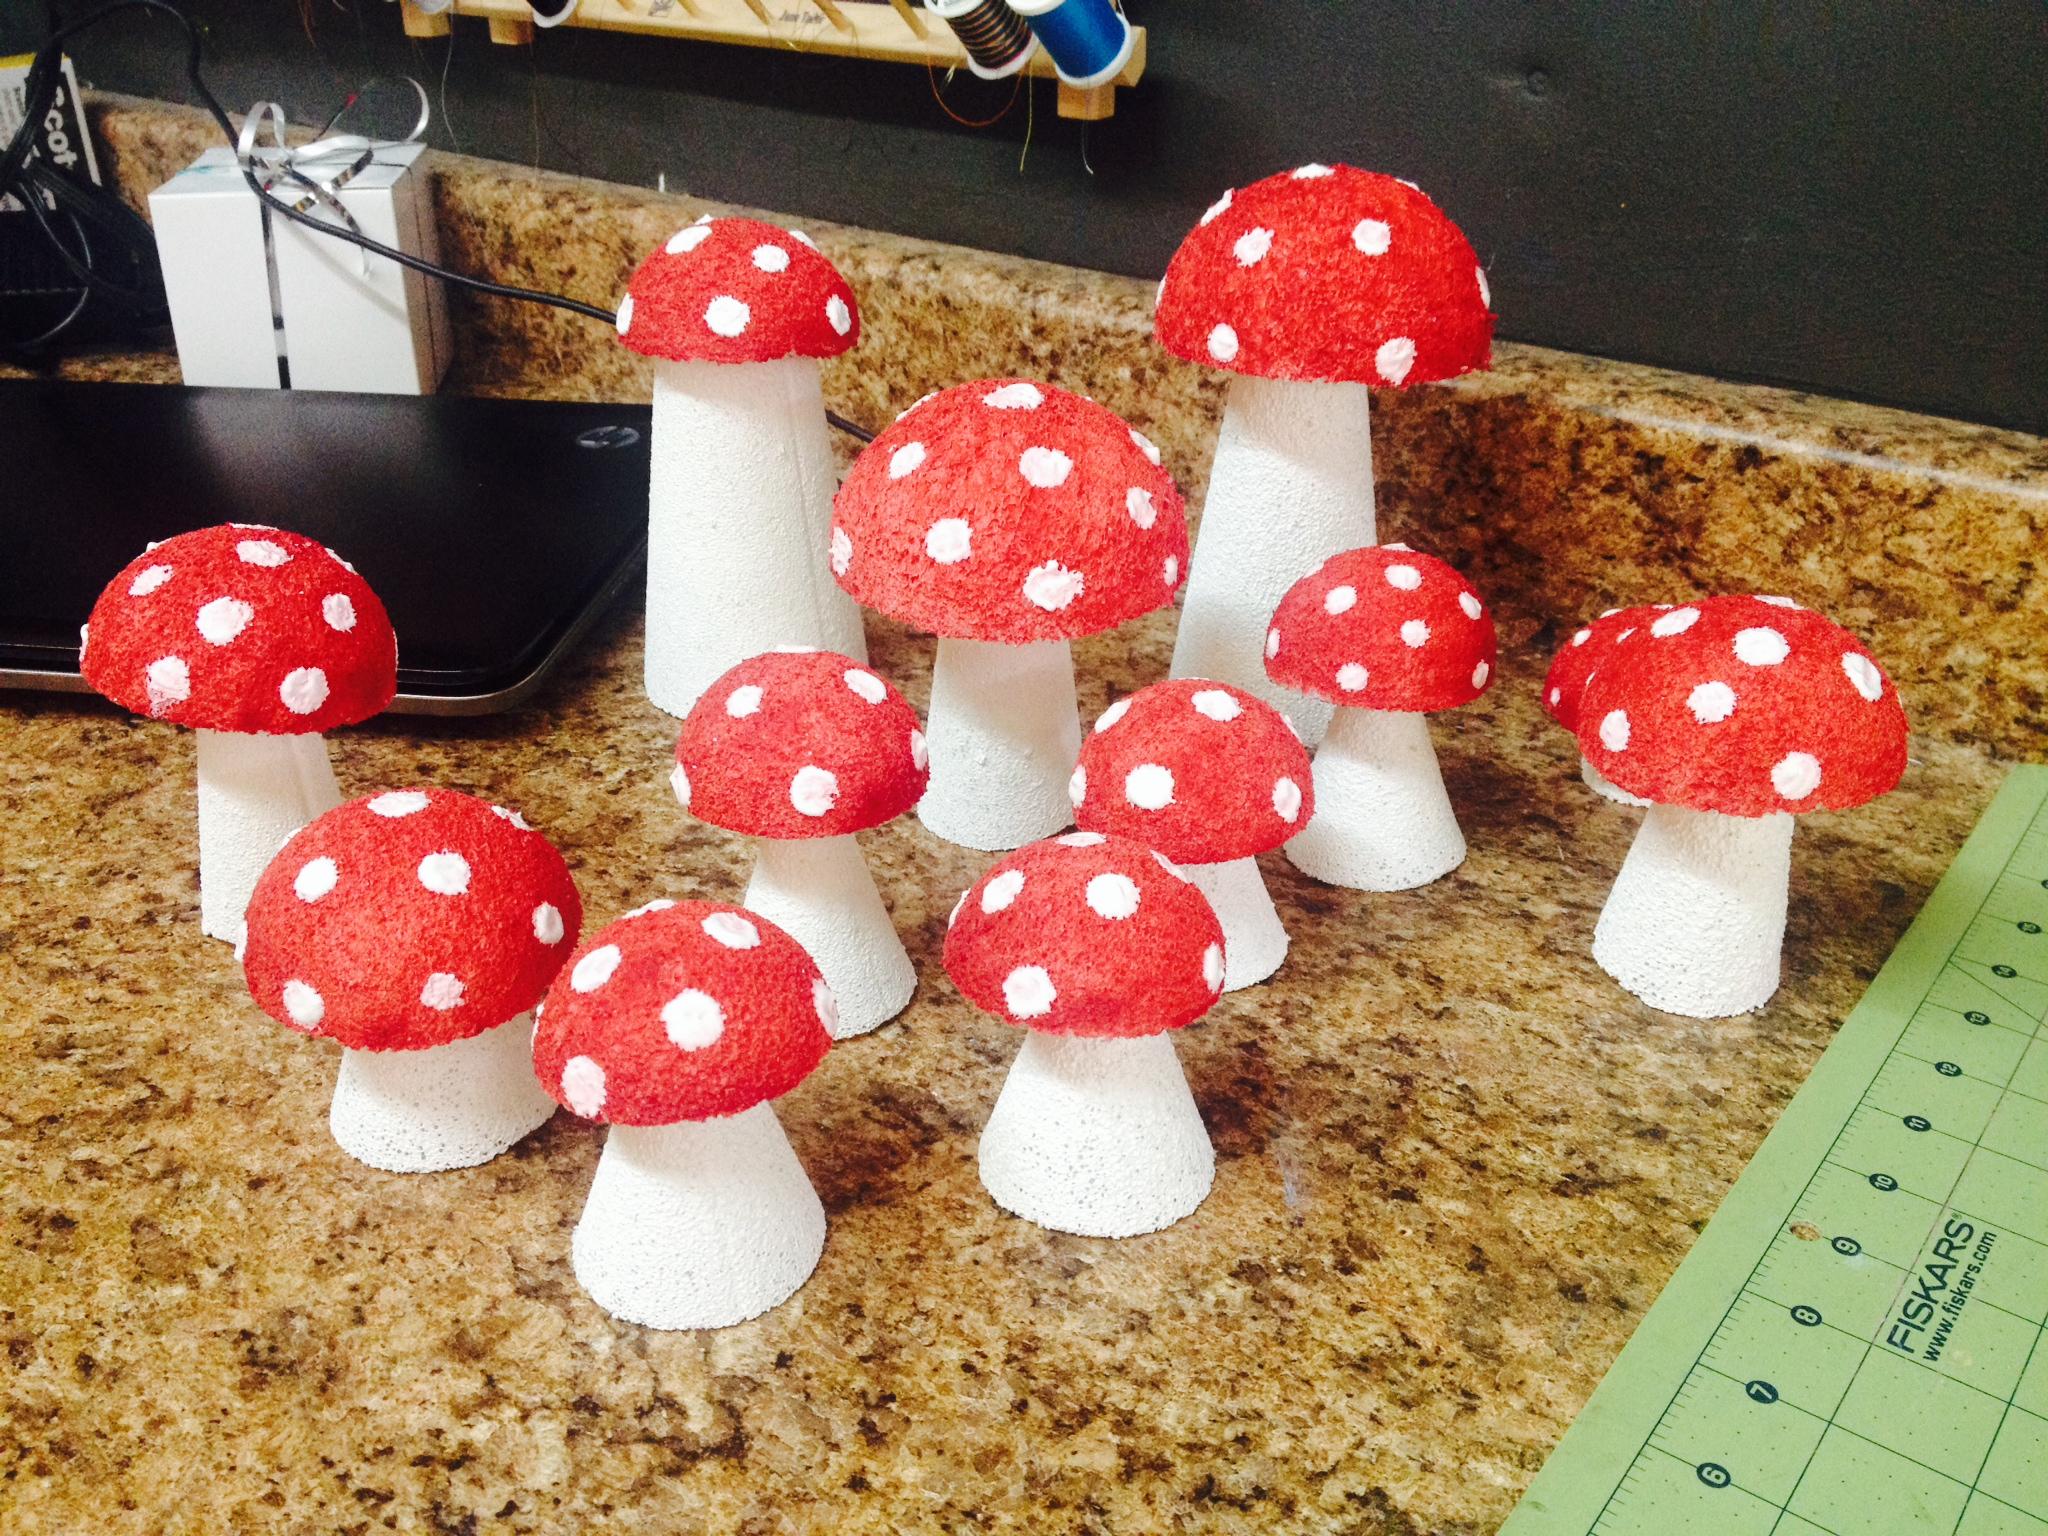 diy styrofoam mushrooms diy party decor pinsandpetals. Black Bedroom Furniture Sets. Home Design Ideas